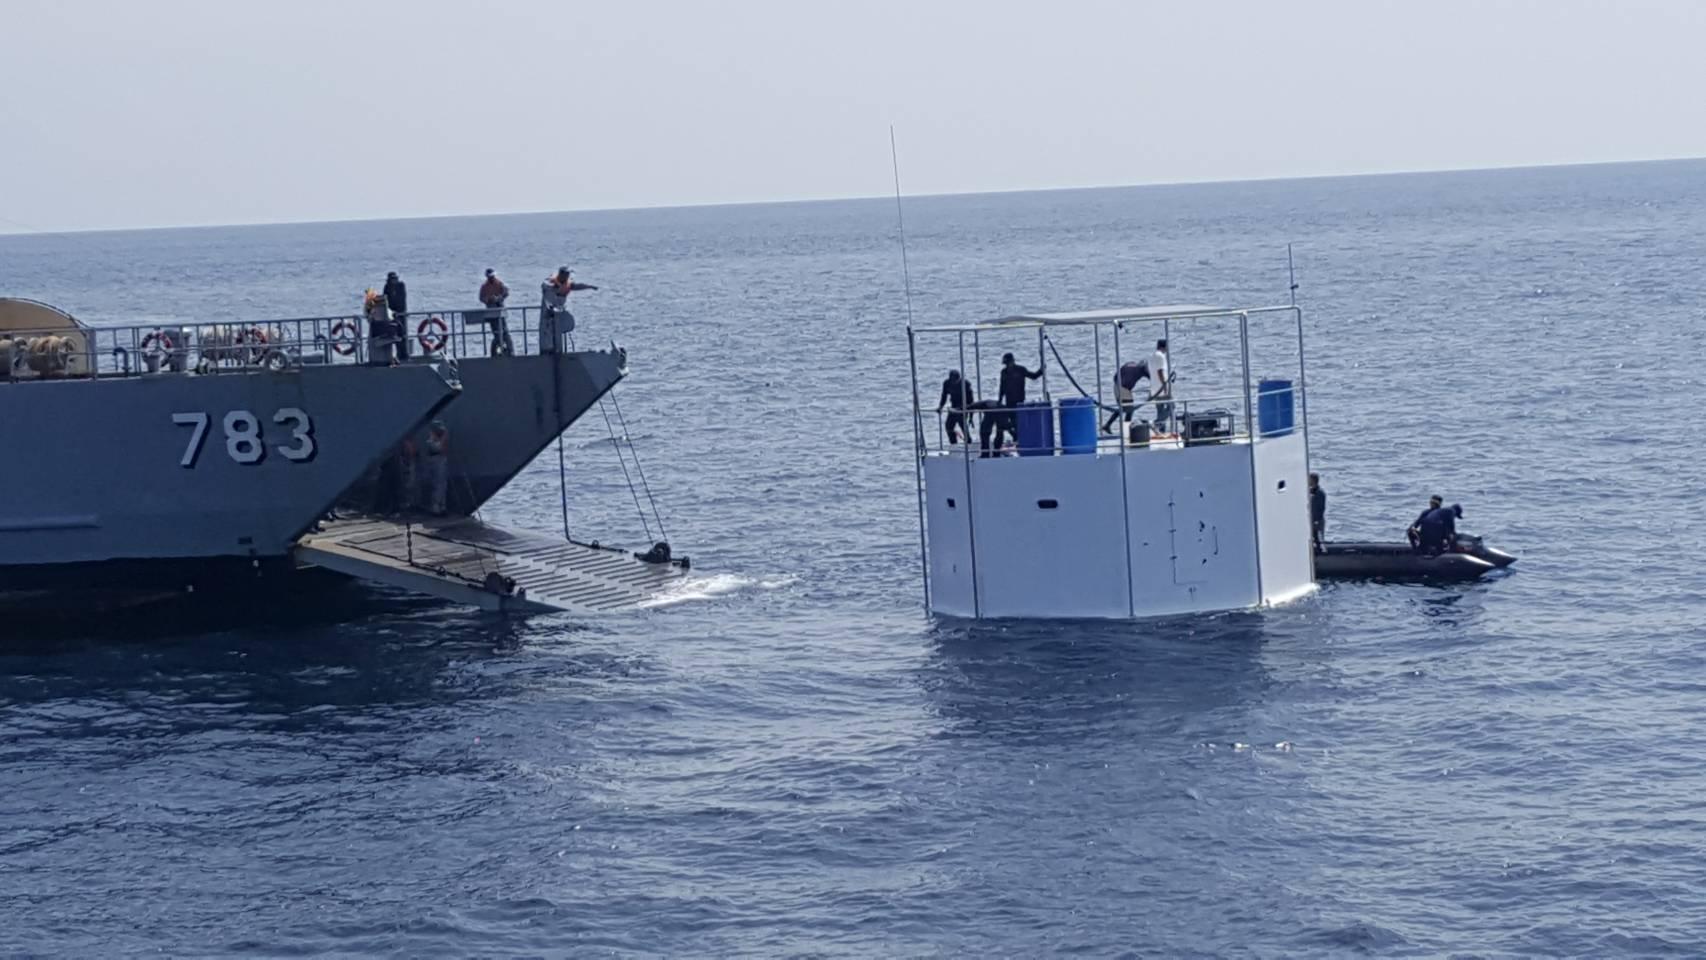 กองทัพเรือ ที่พักลอยน้ำ